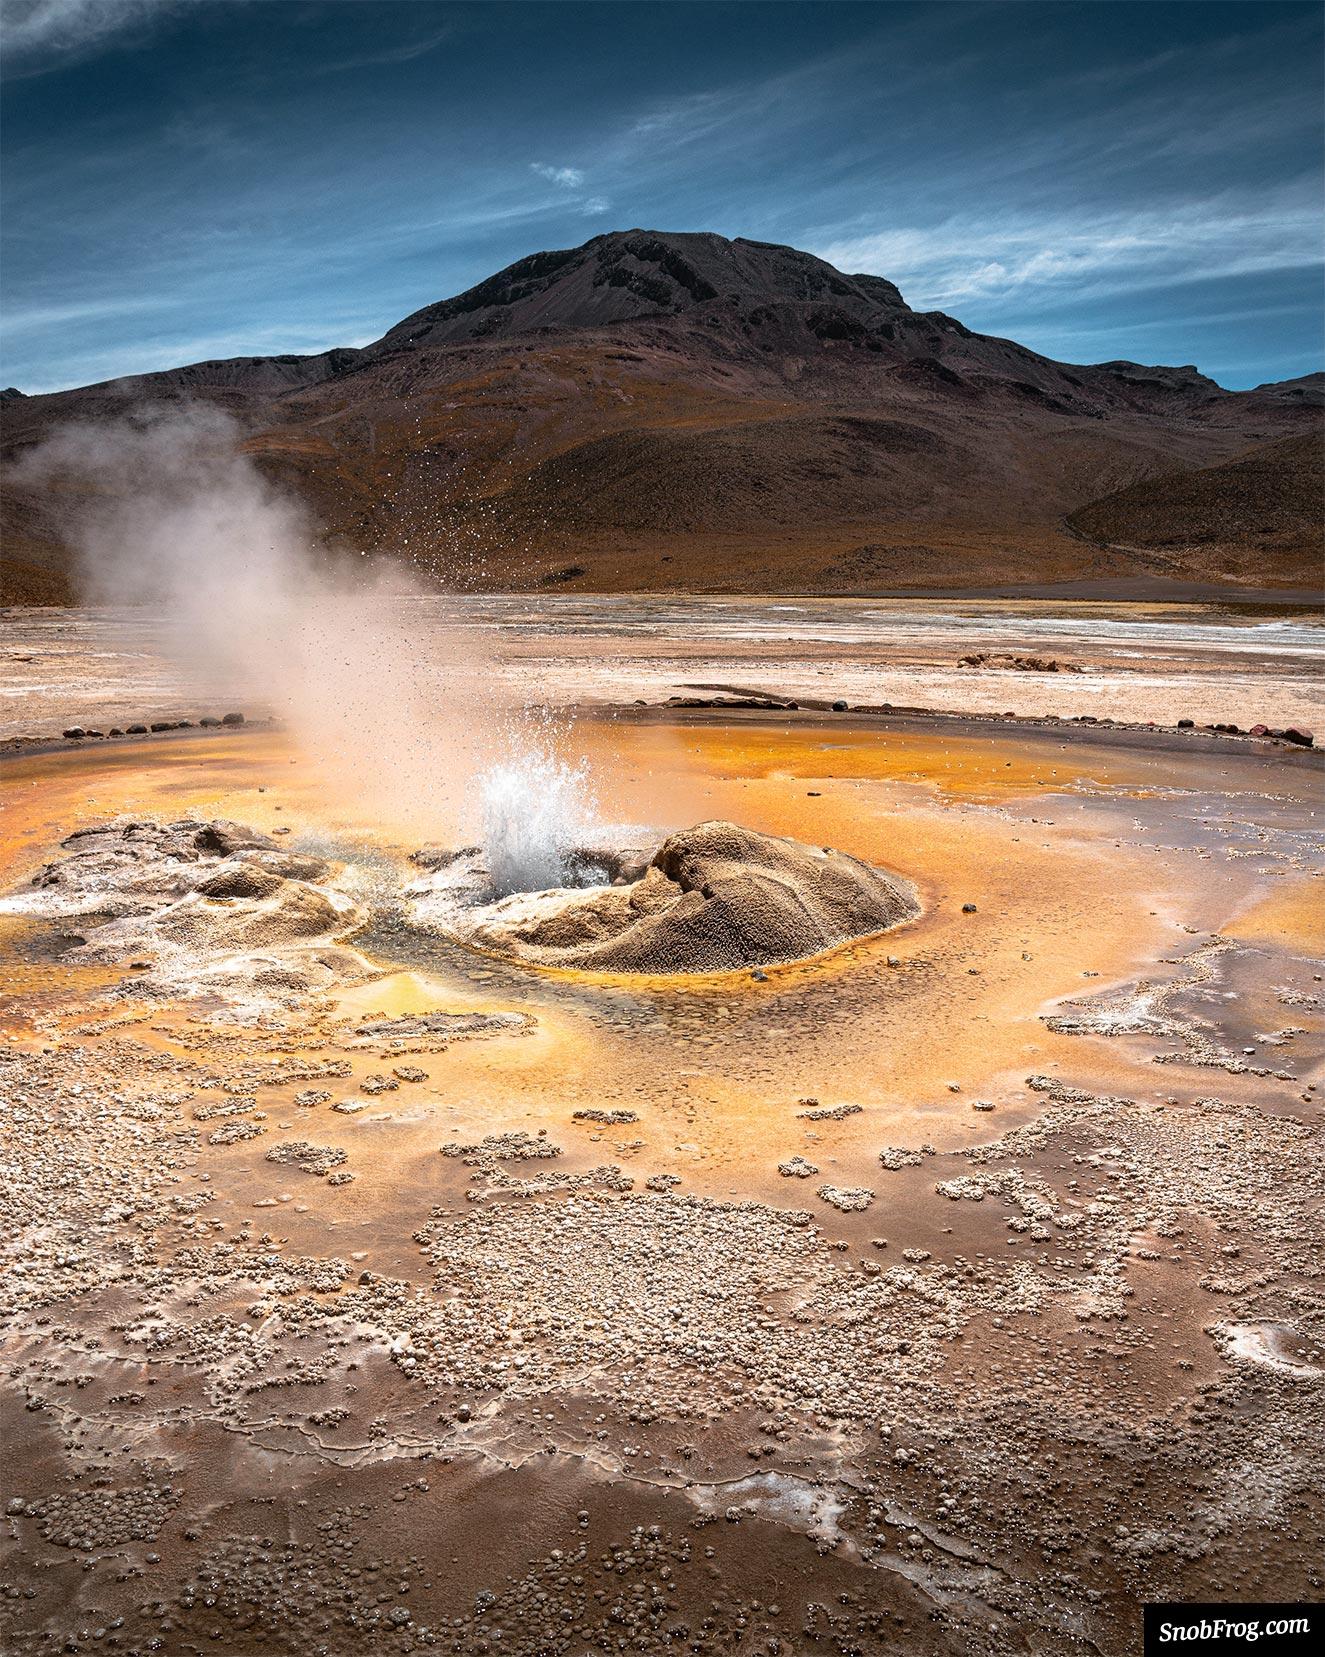 DSC_5689_geysers_del_tatio